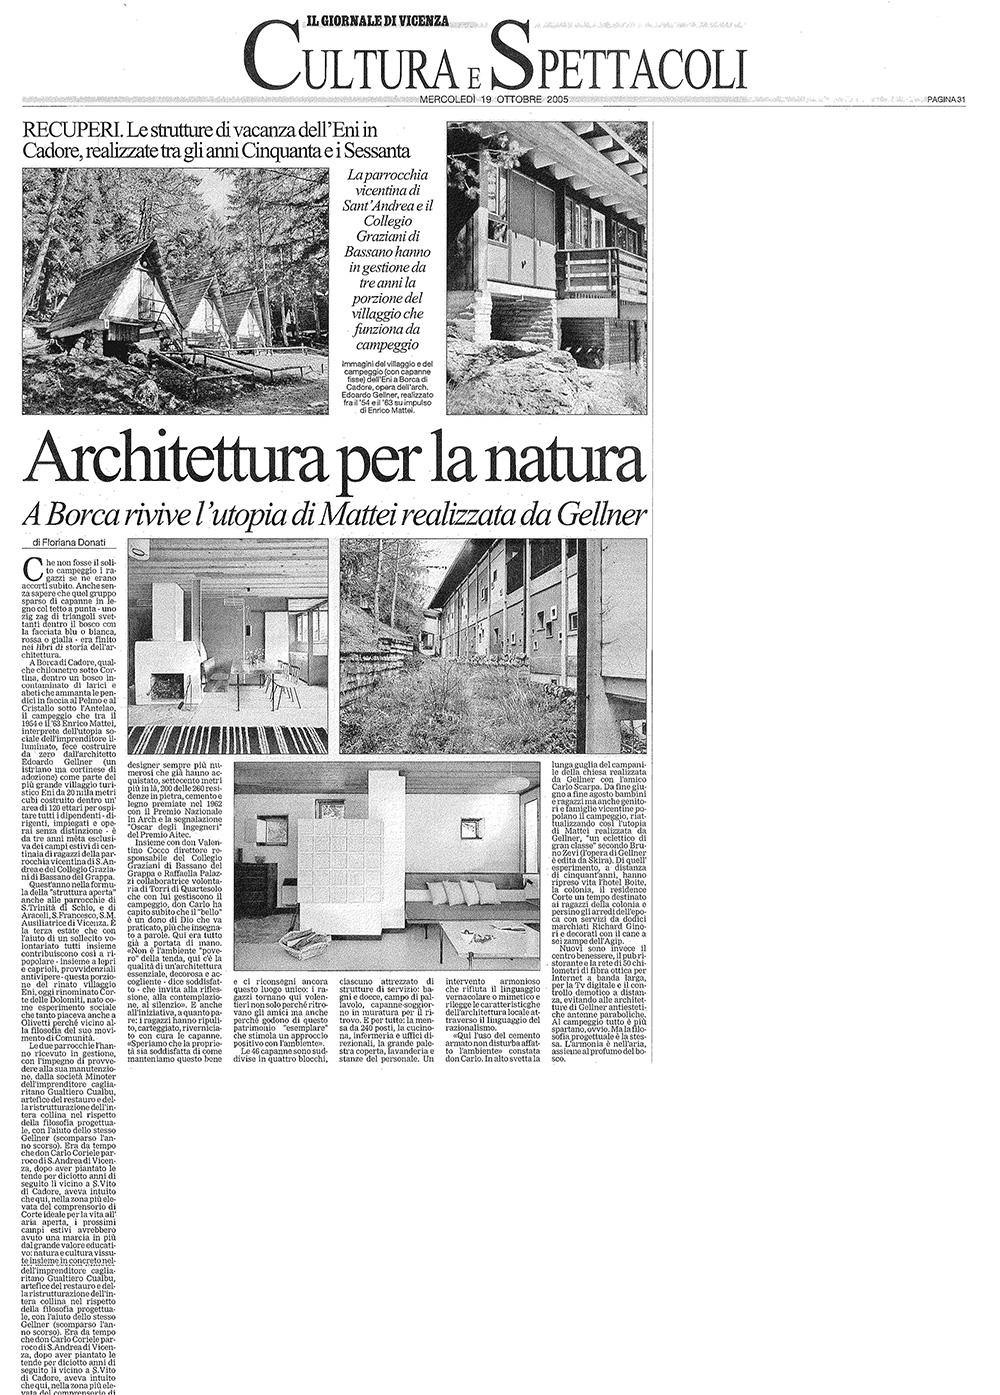 Architettura per la natura